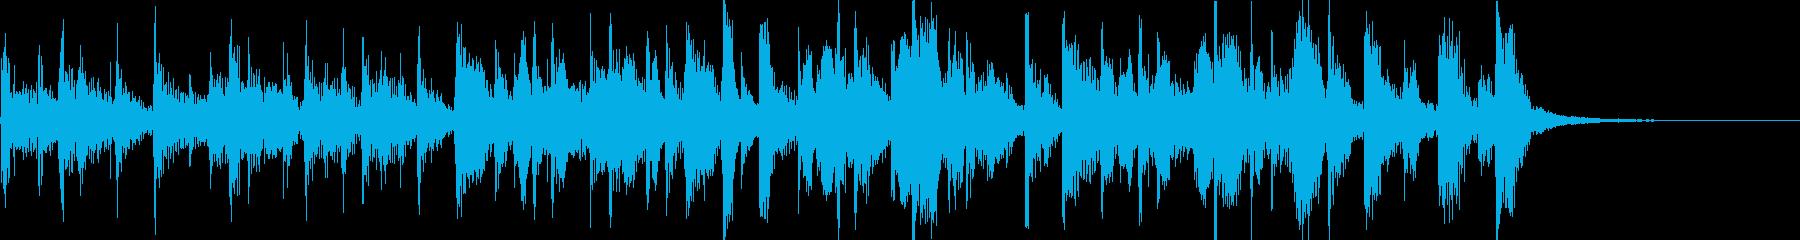 ホットタマーレブライトハッピーサルサの再生済みの波形